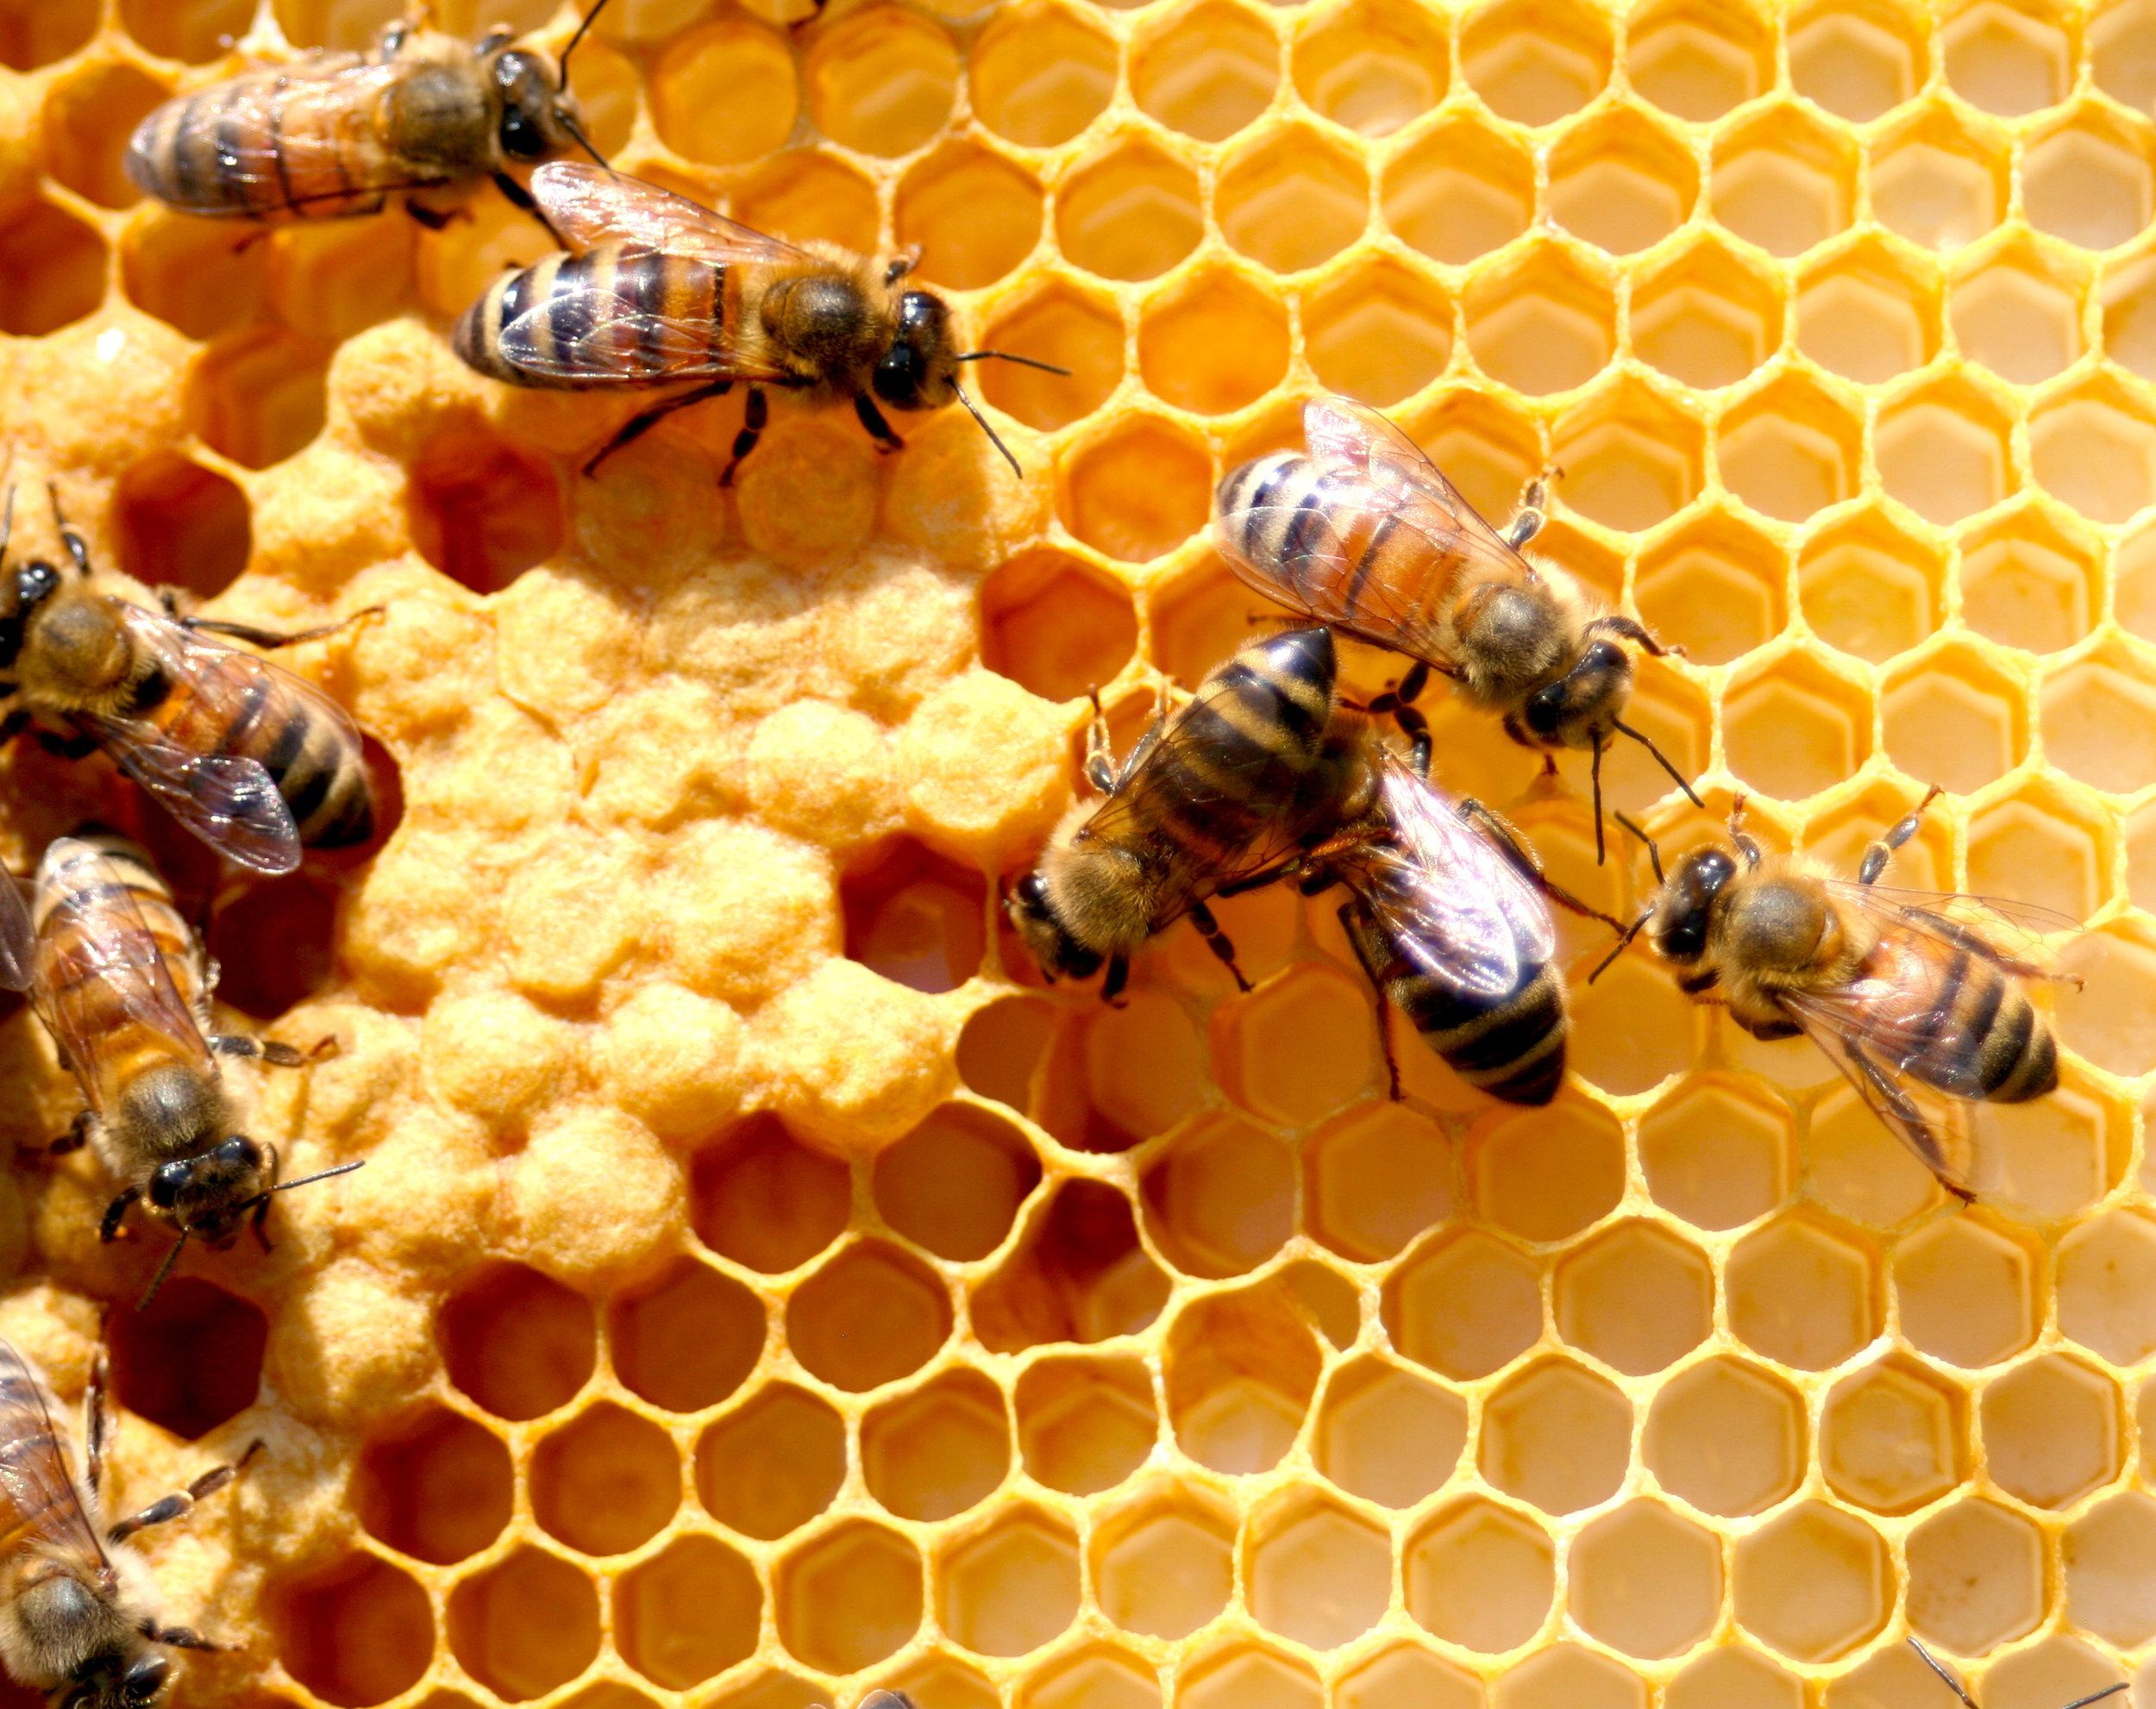 Bees_Photo by Jen Laskey.jpg